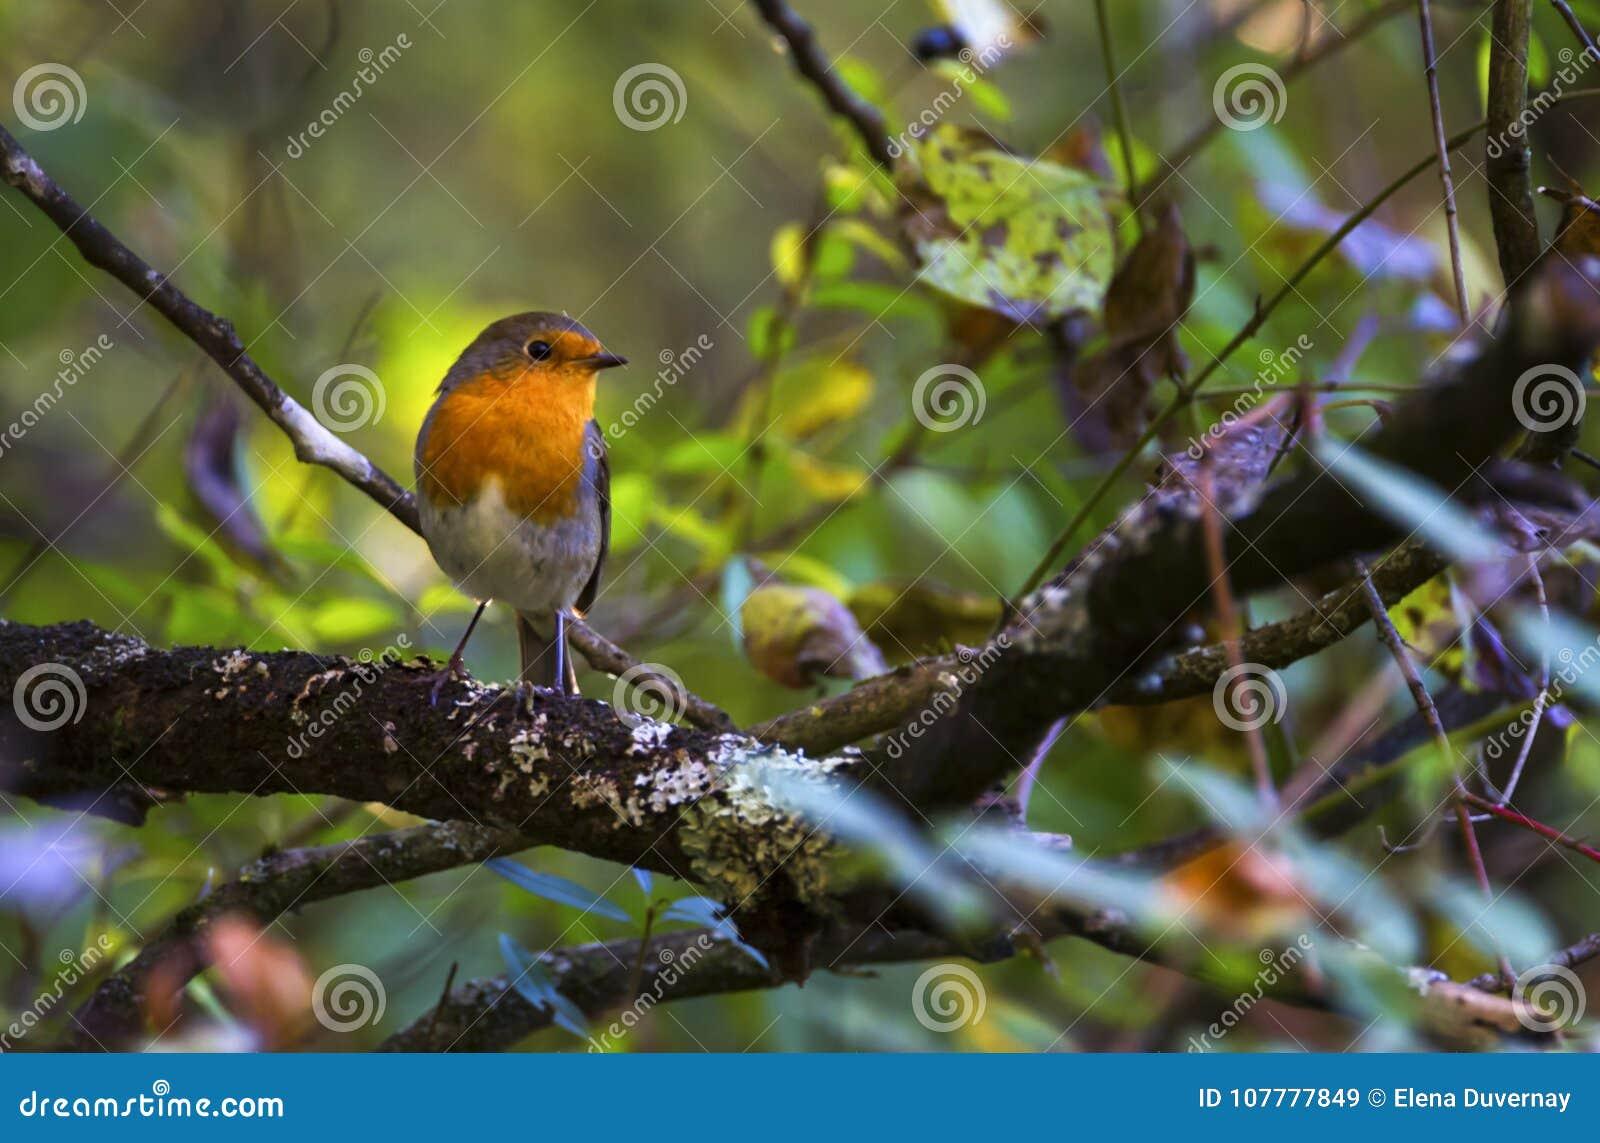 European robin, erithacus rubecula, redbreast, Geneva, Switzerland